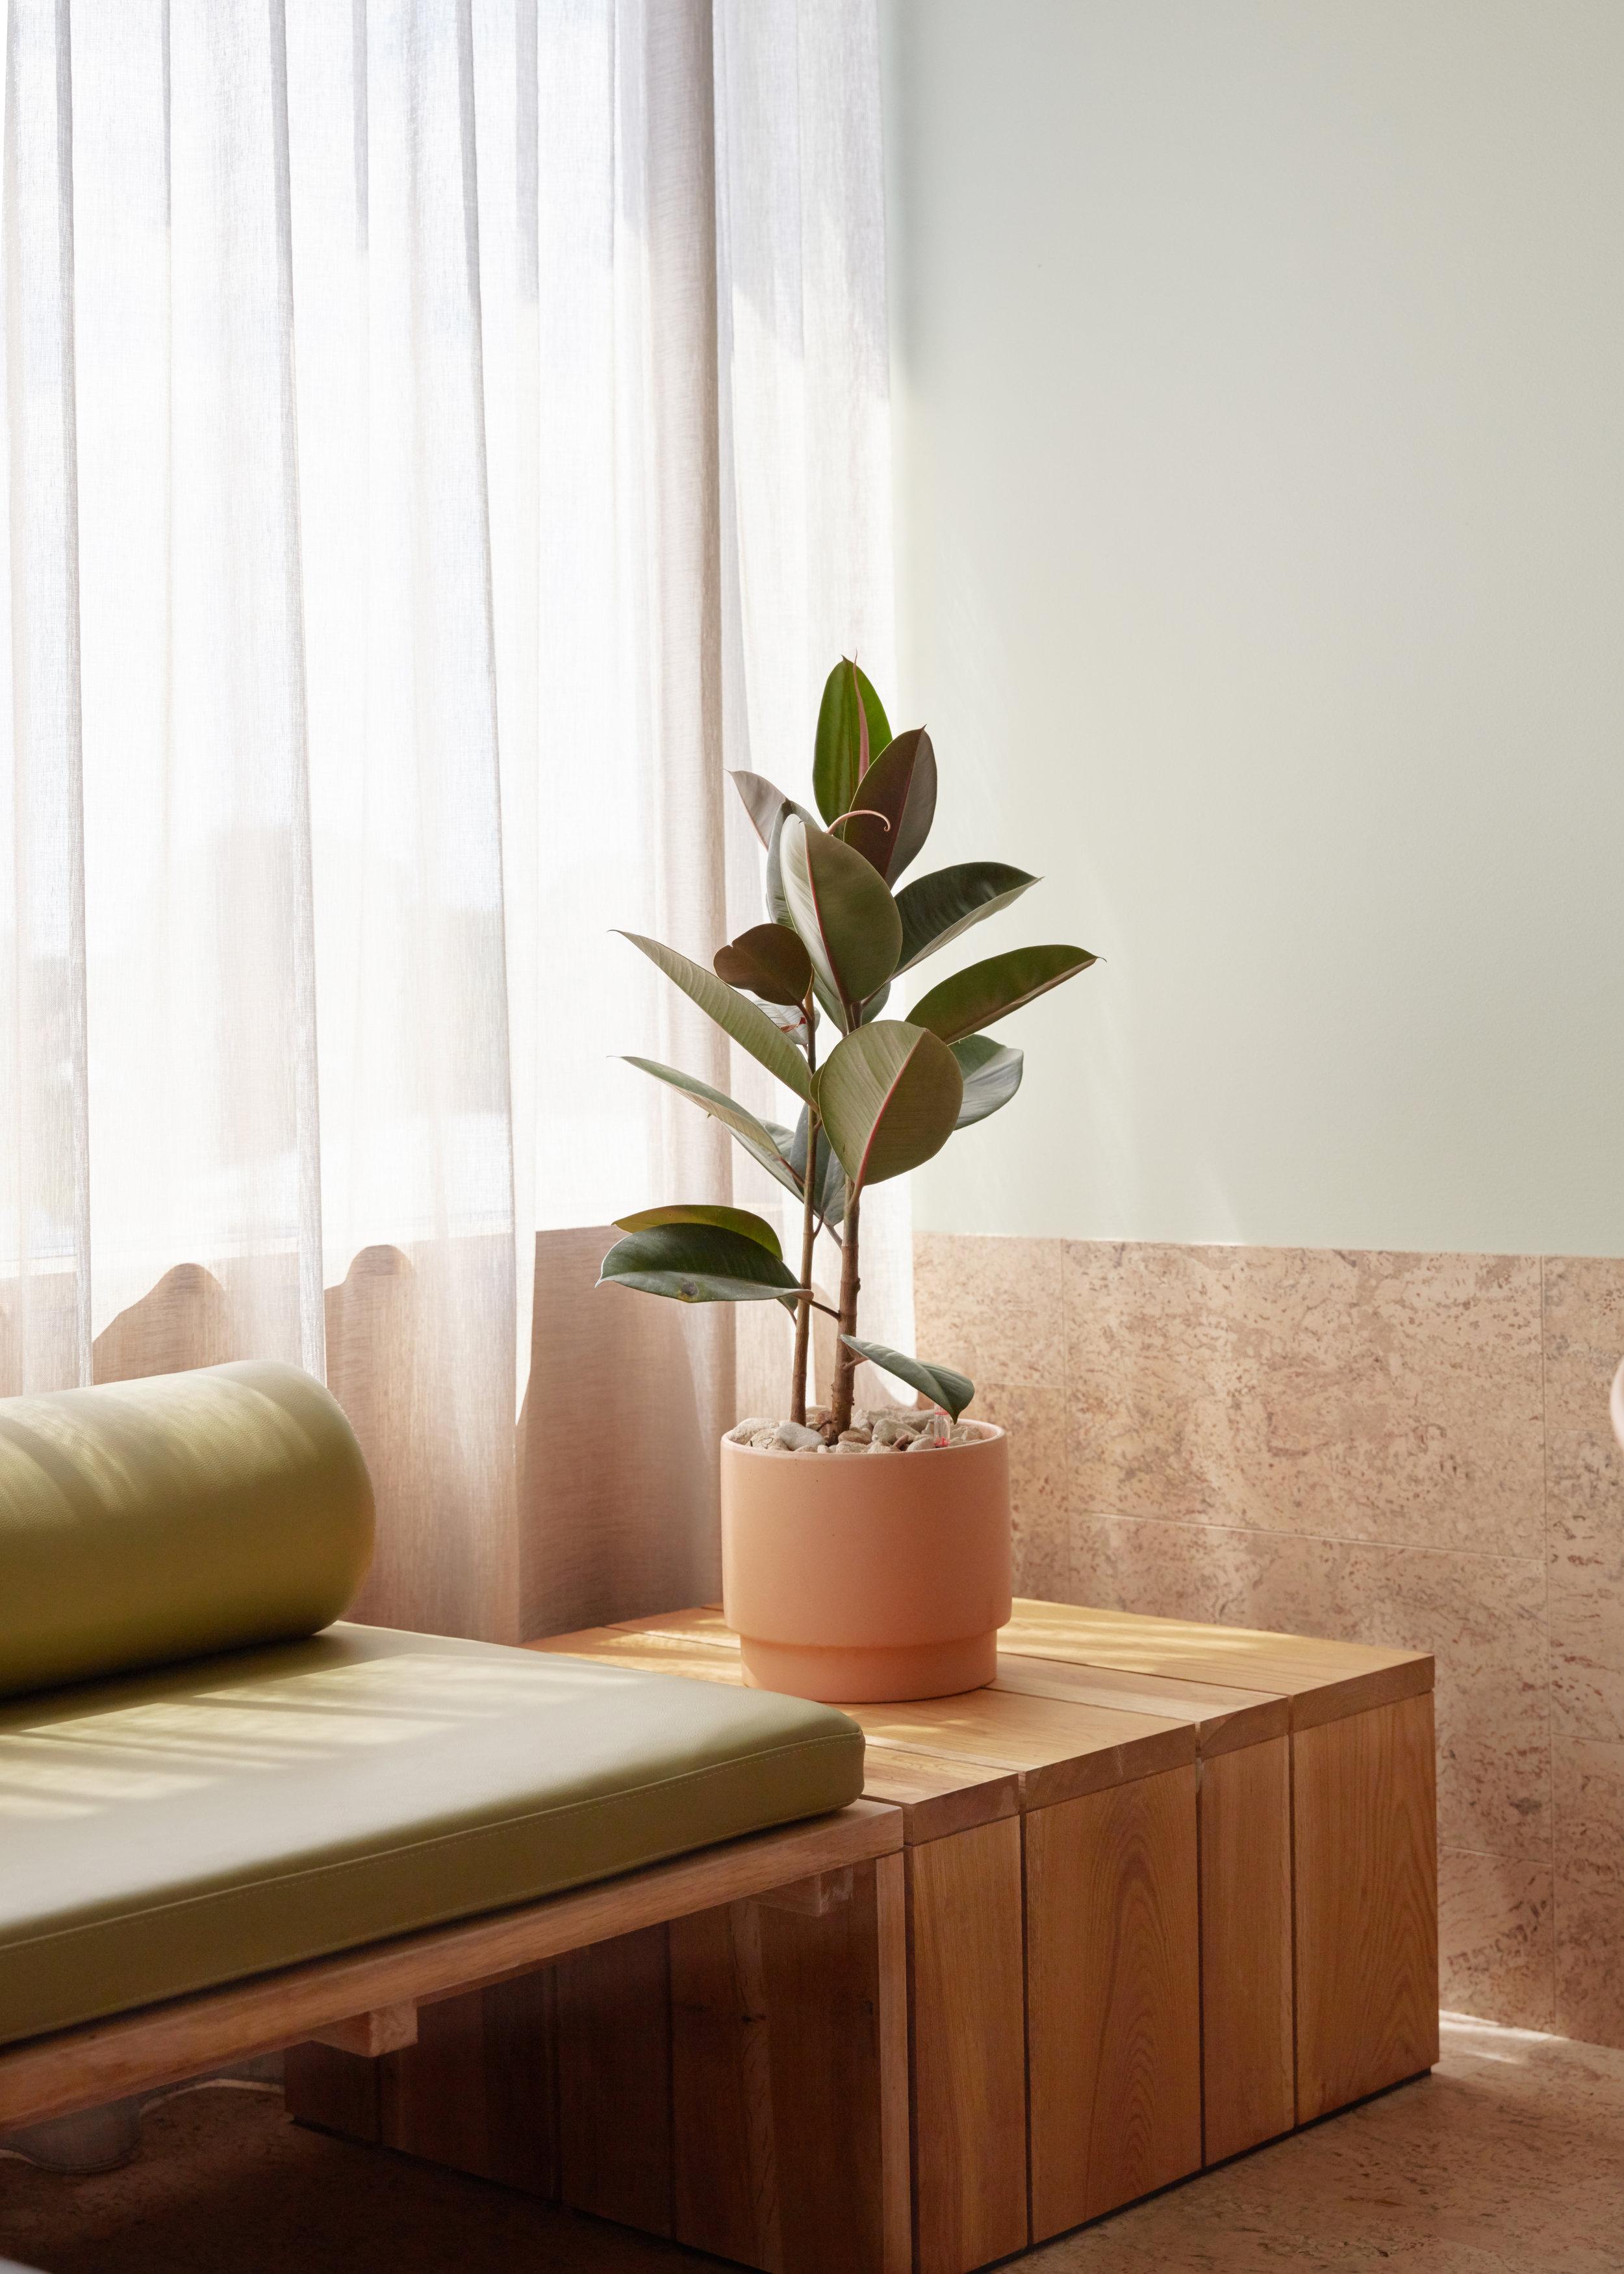 the-calile-hotel-brisbane-city-view-room-bedroom-detail-01-2018.jpg